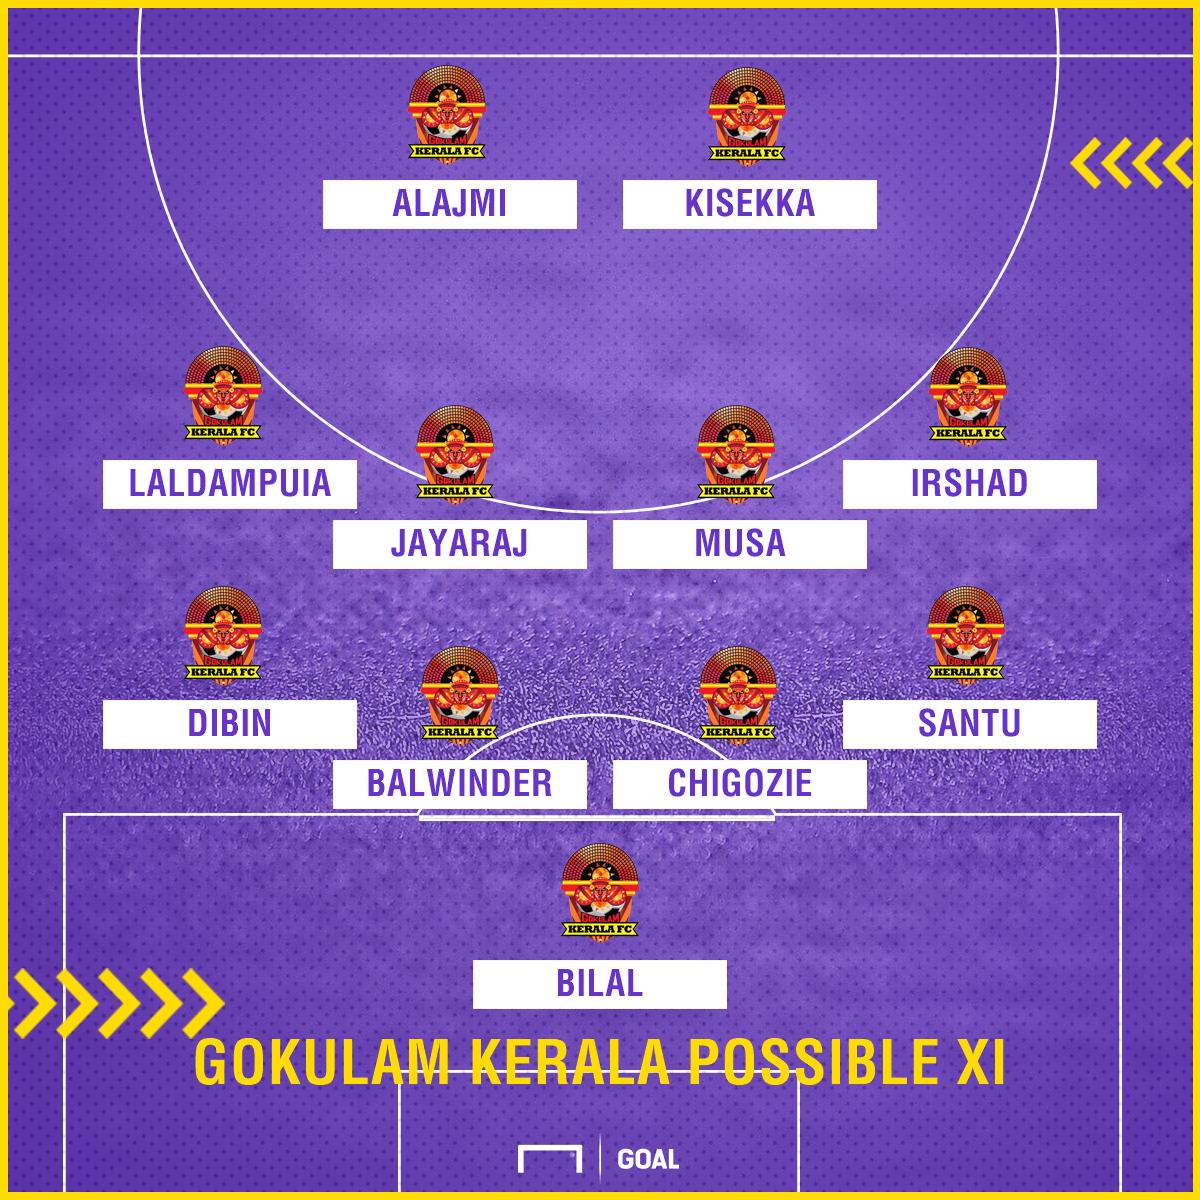 Gokulam Kerala FC possible XI v Mohun Bagan